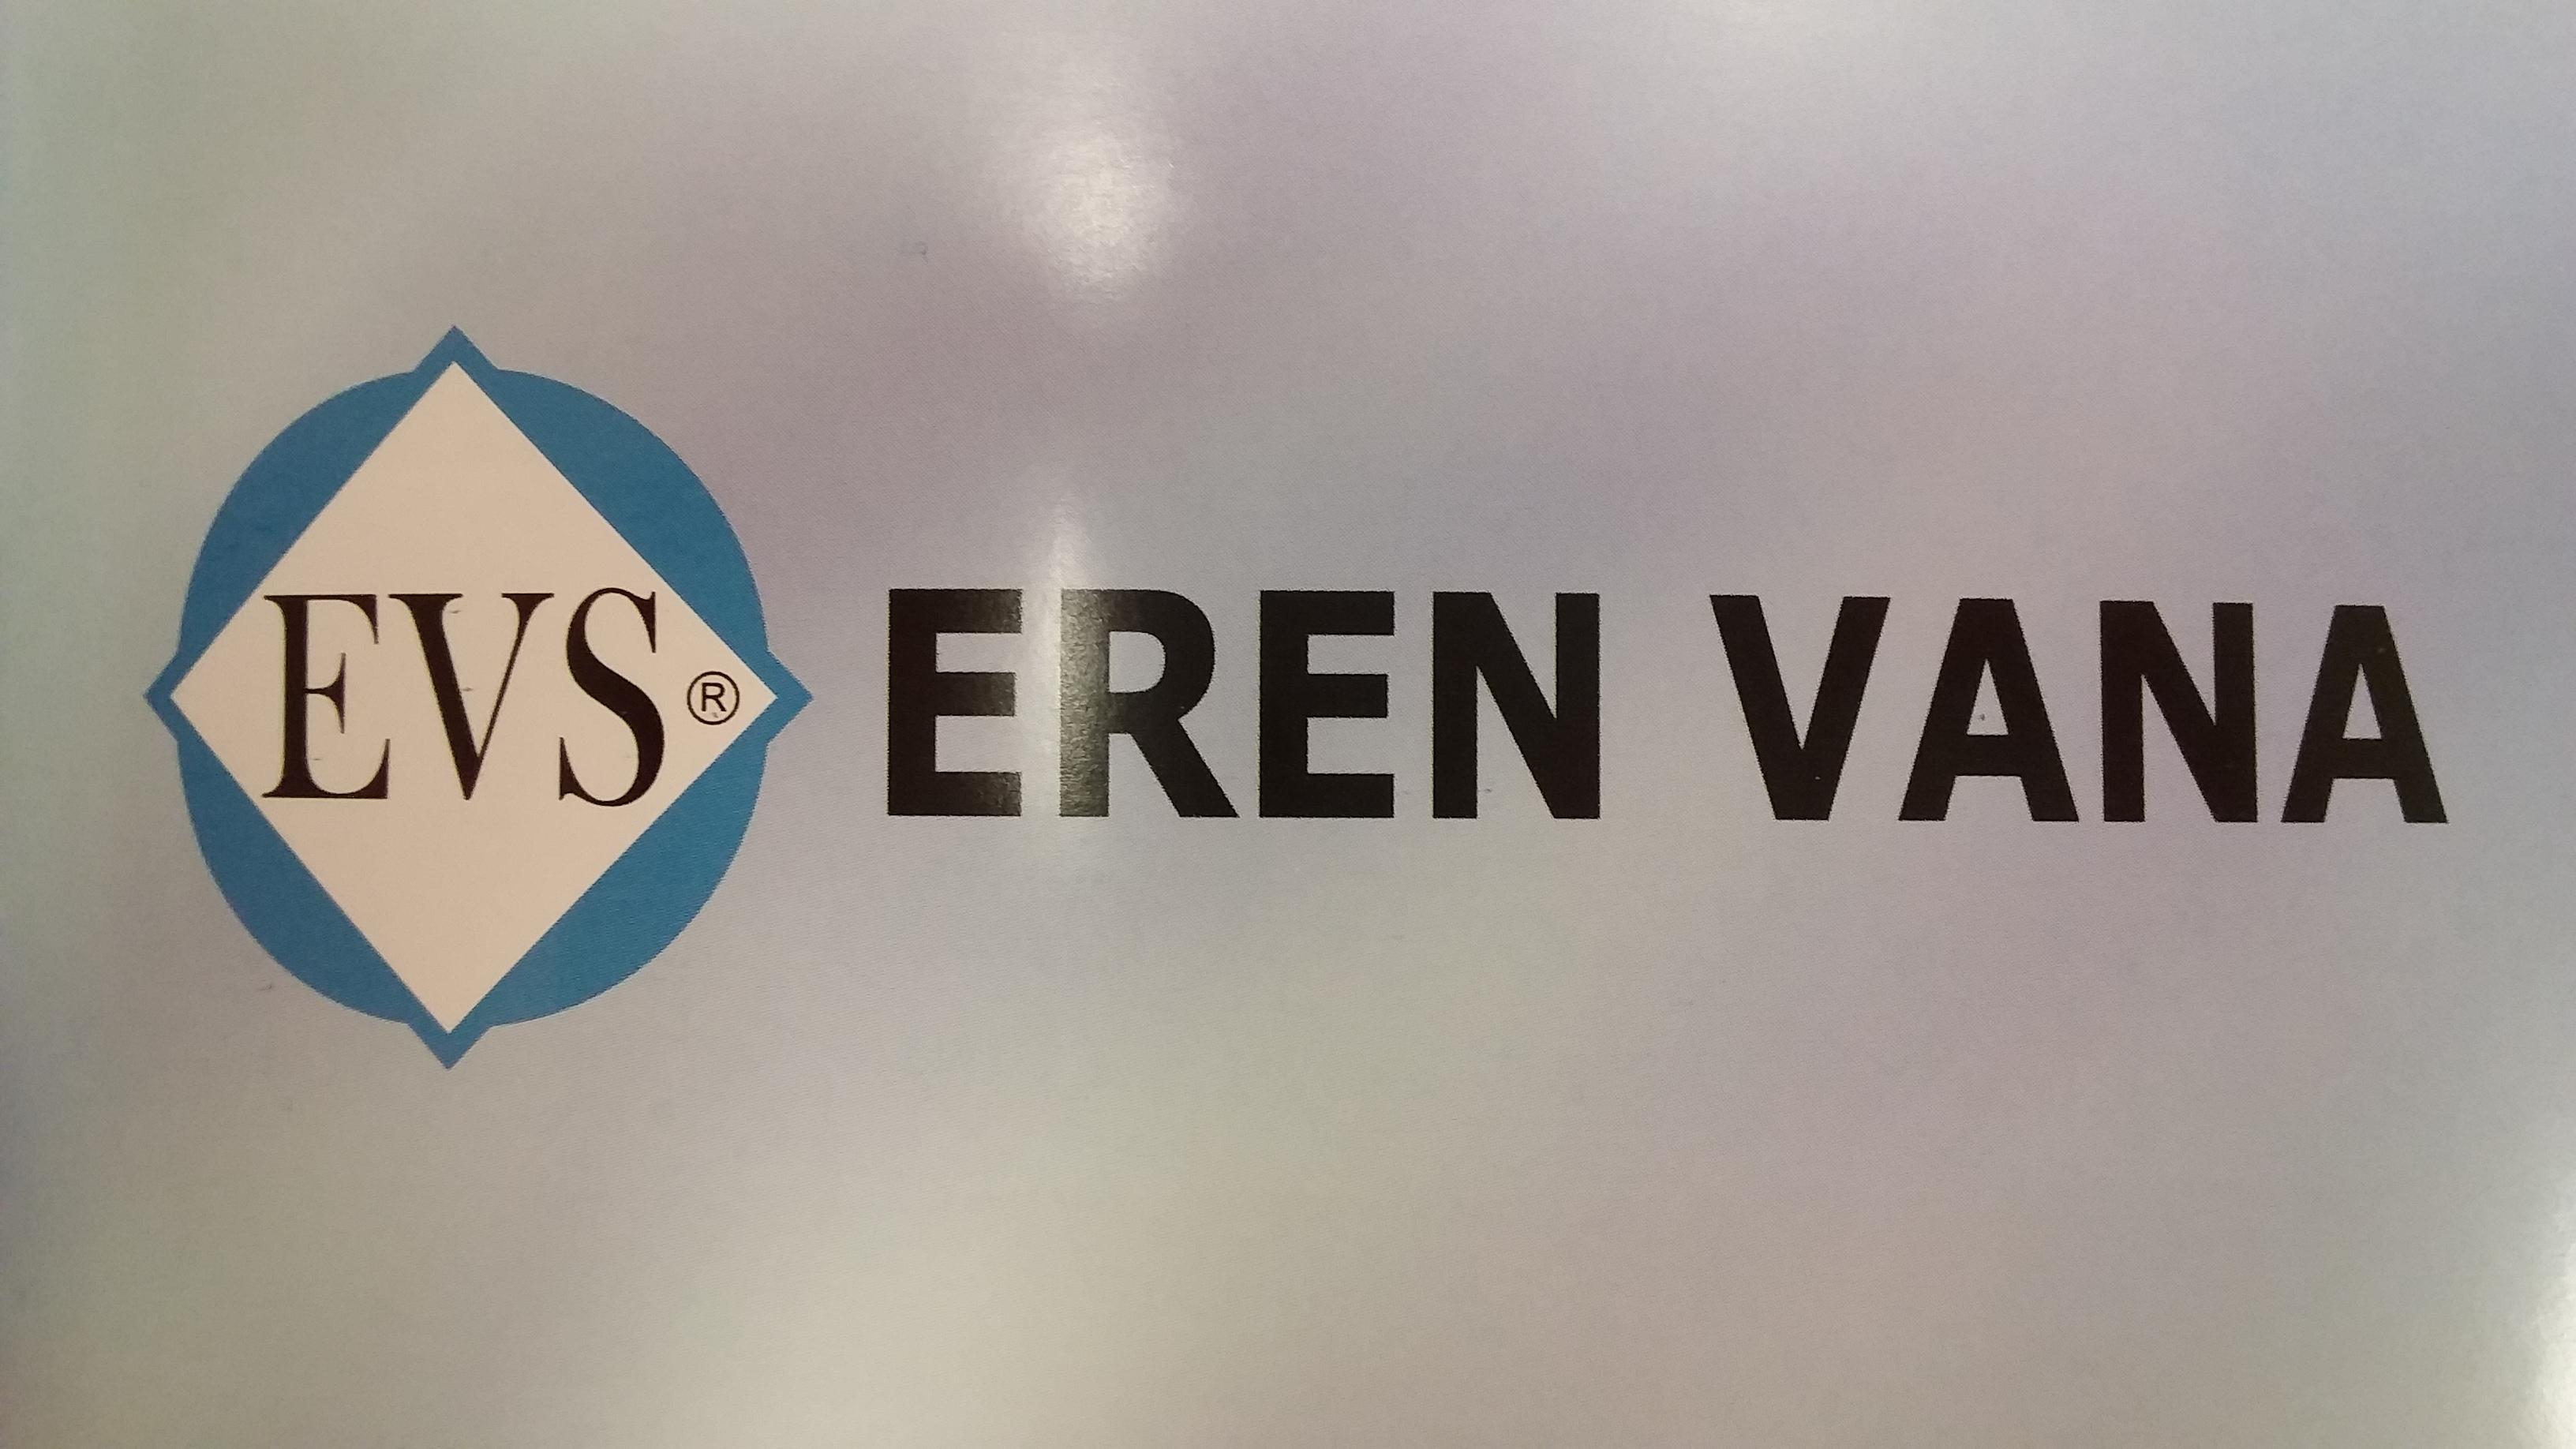 Evs Eren Vana Sanayi Ve Ticaret Ltd Sti, EVS (EVS EREN VANA)